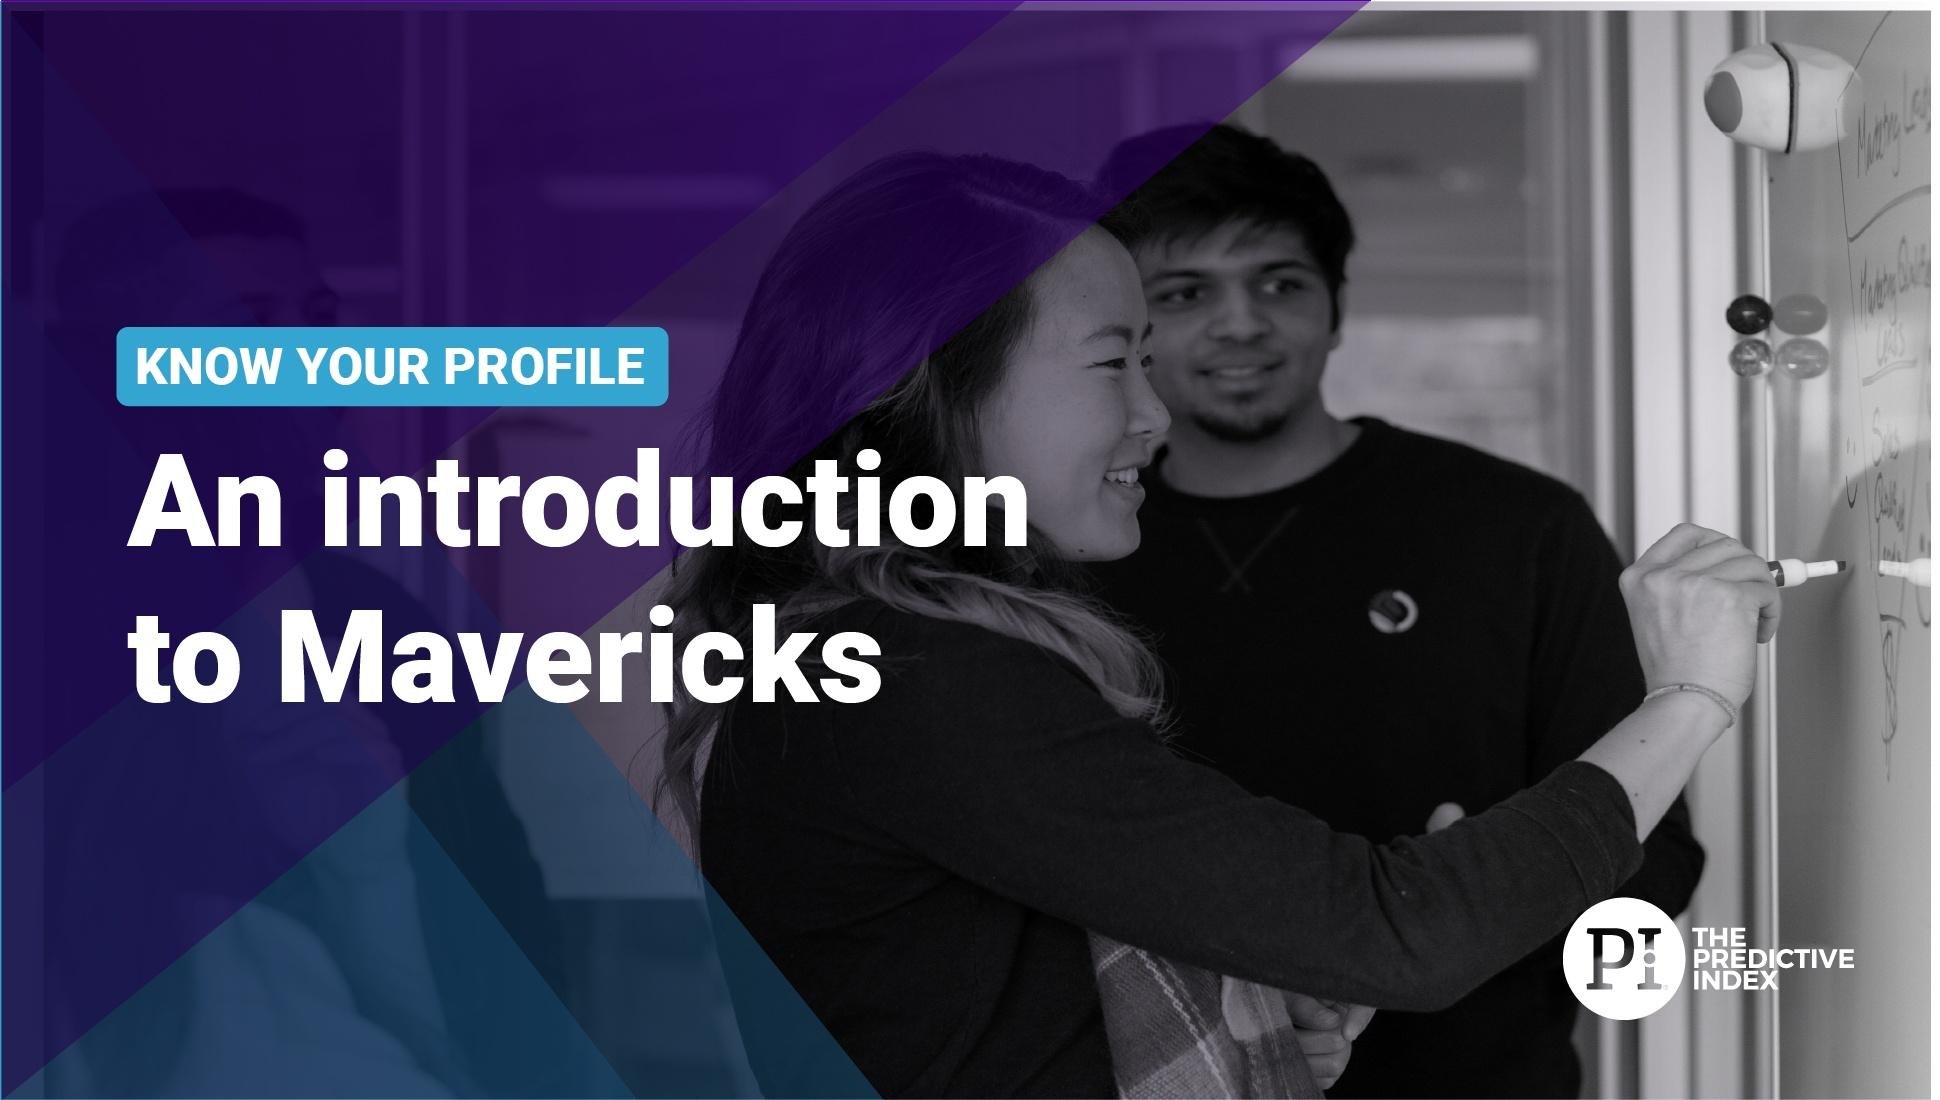 Introducing the Maverick